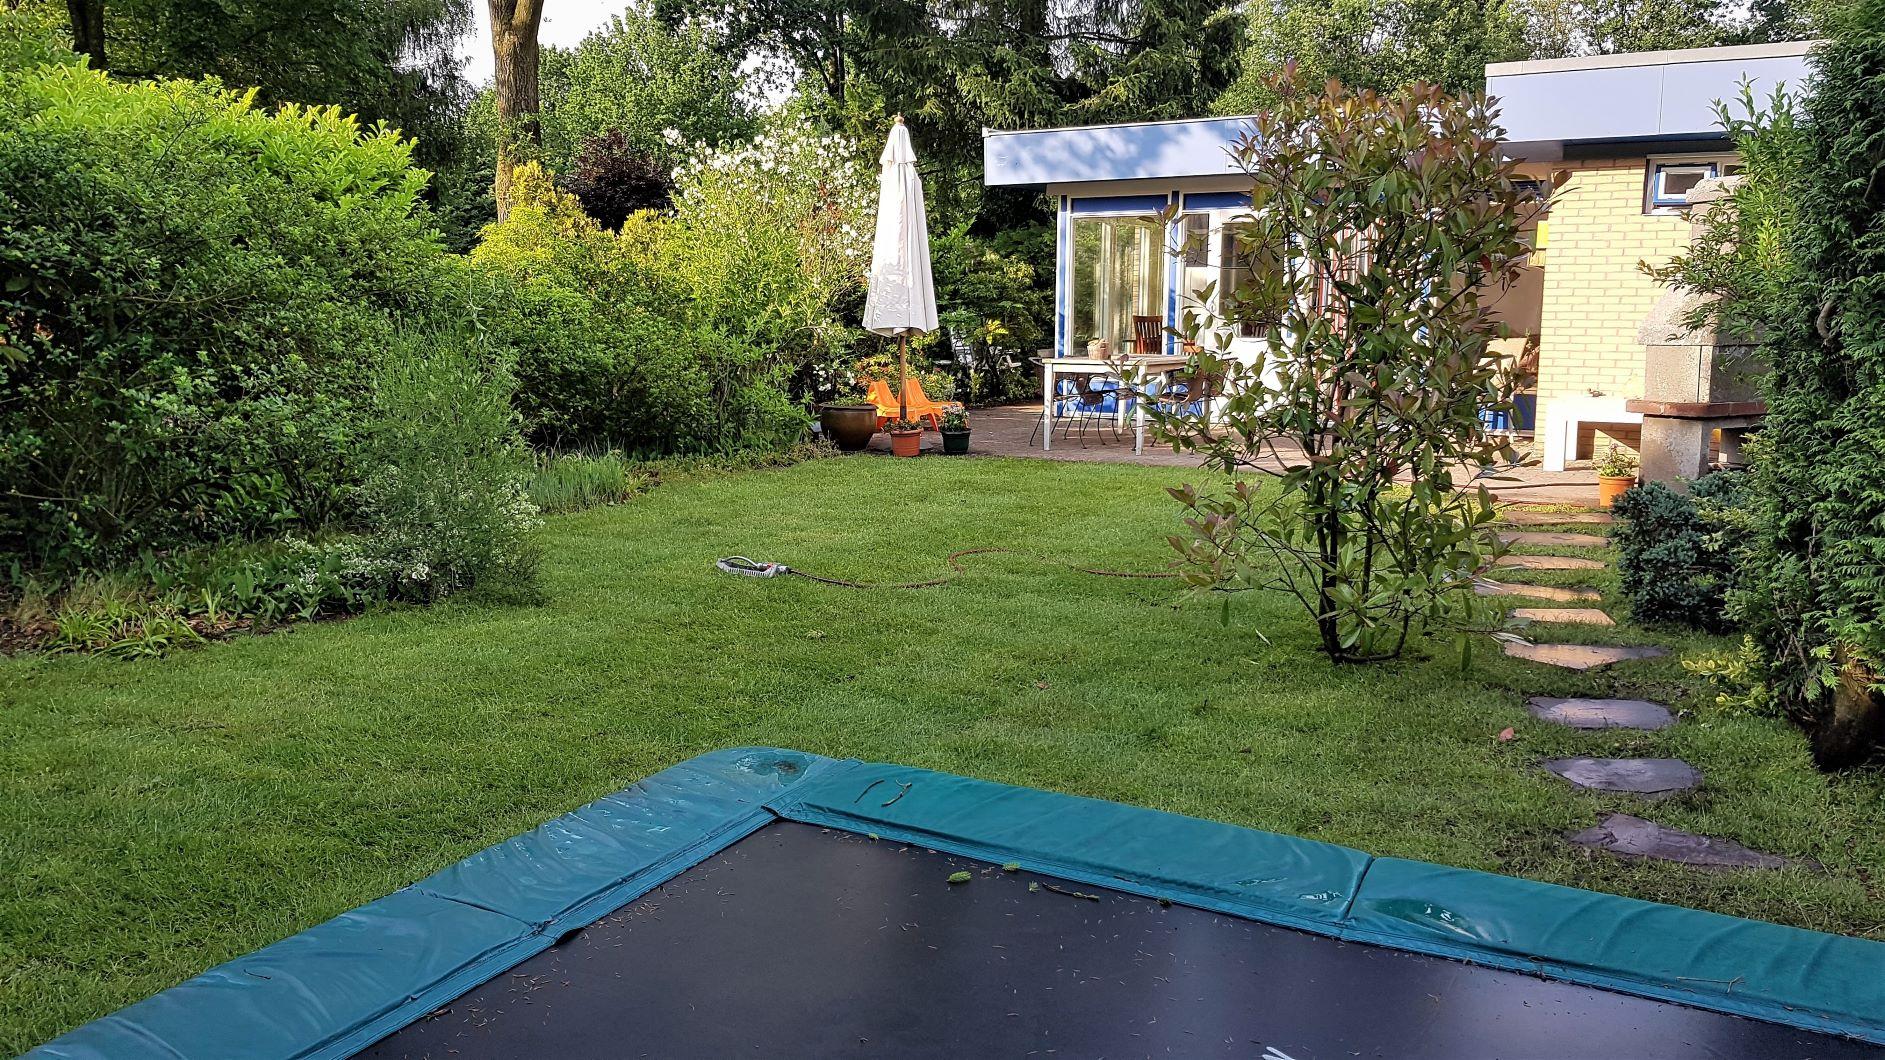 blauwe-boshuis-met-trampoline